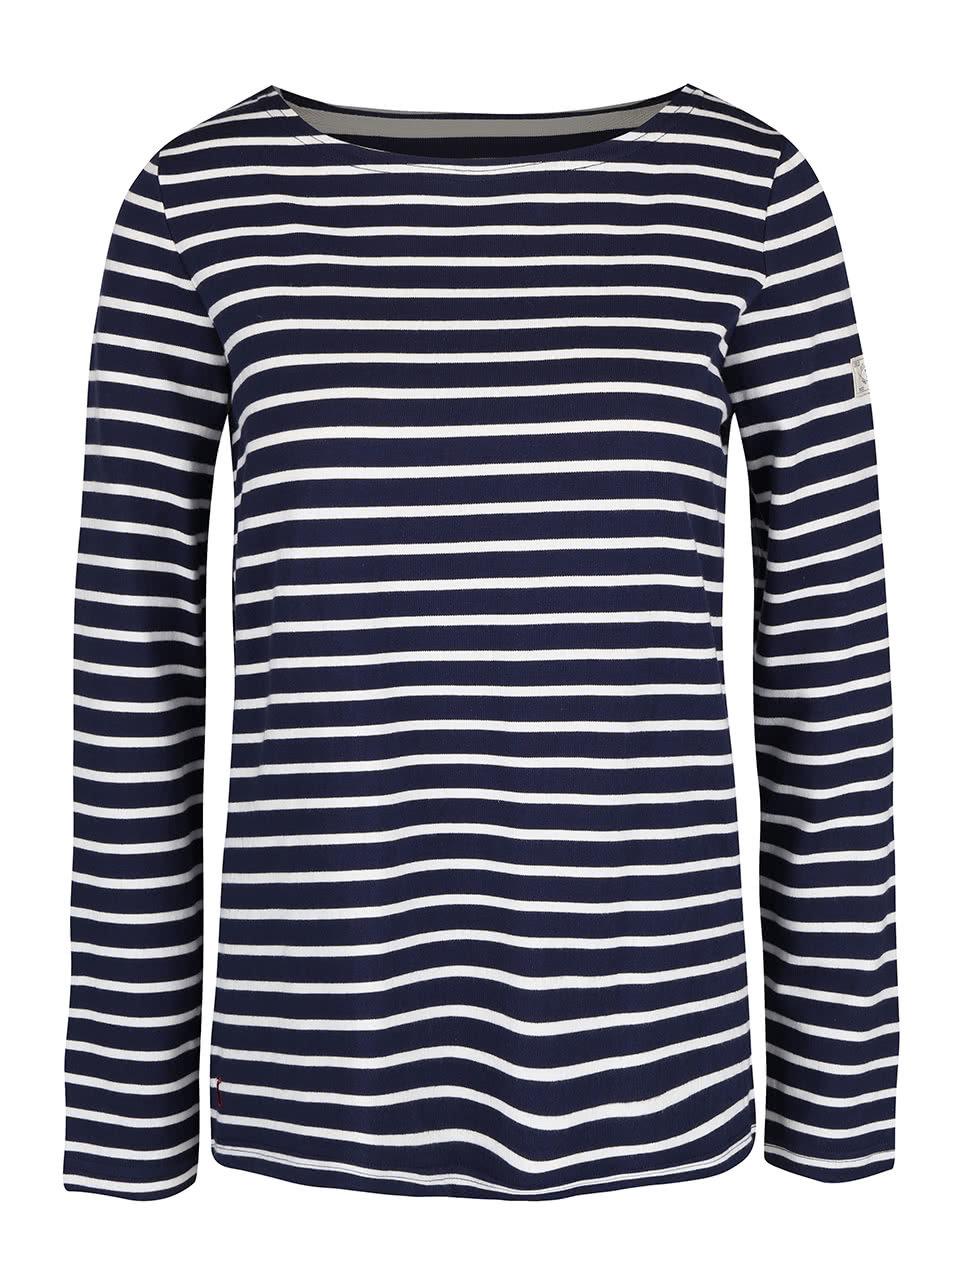 Tmavě modré dámské pruhované tričko s dlouhým rukávem Tom Joule Harbour ... 6285548047